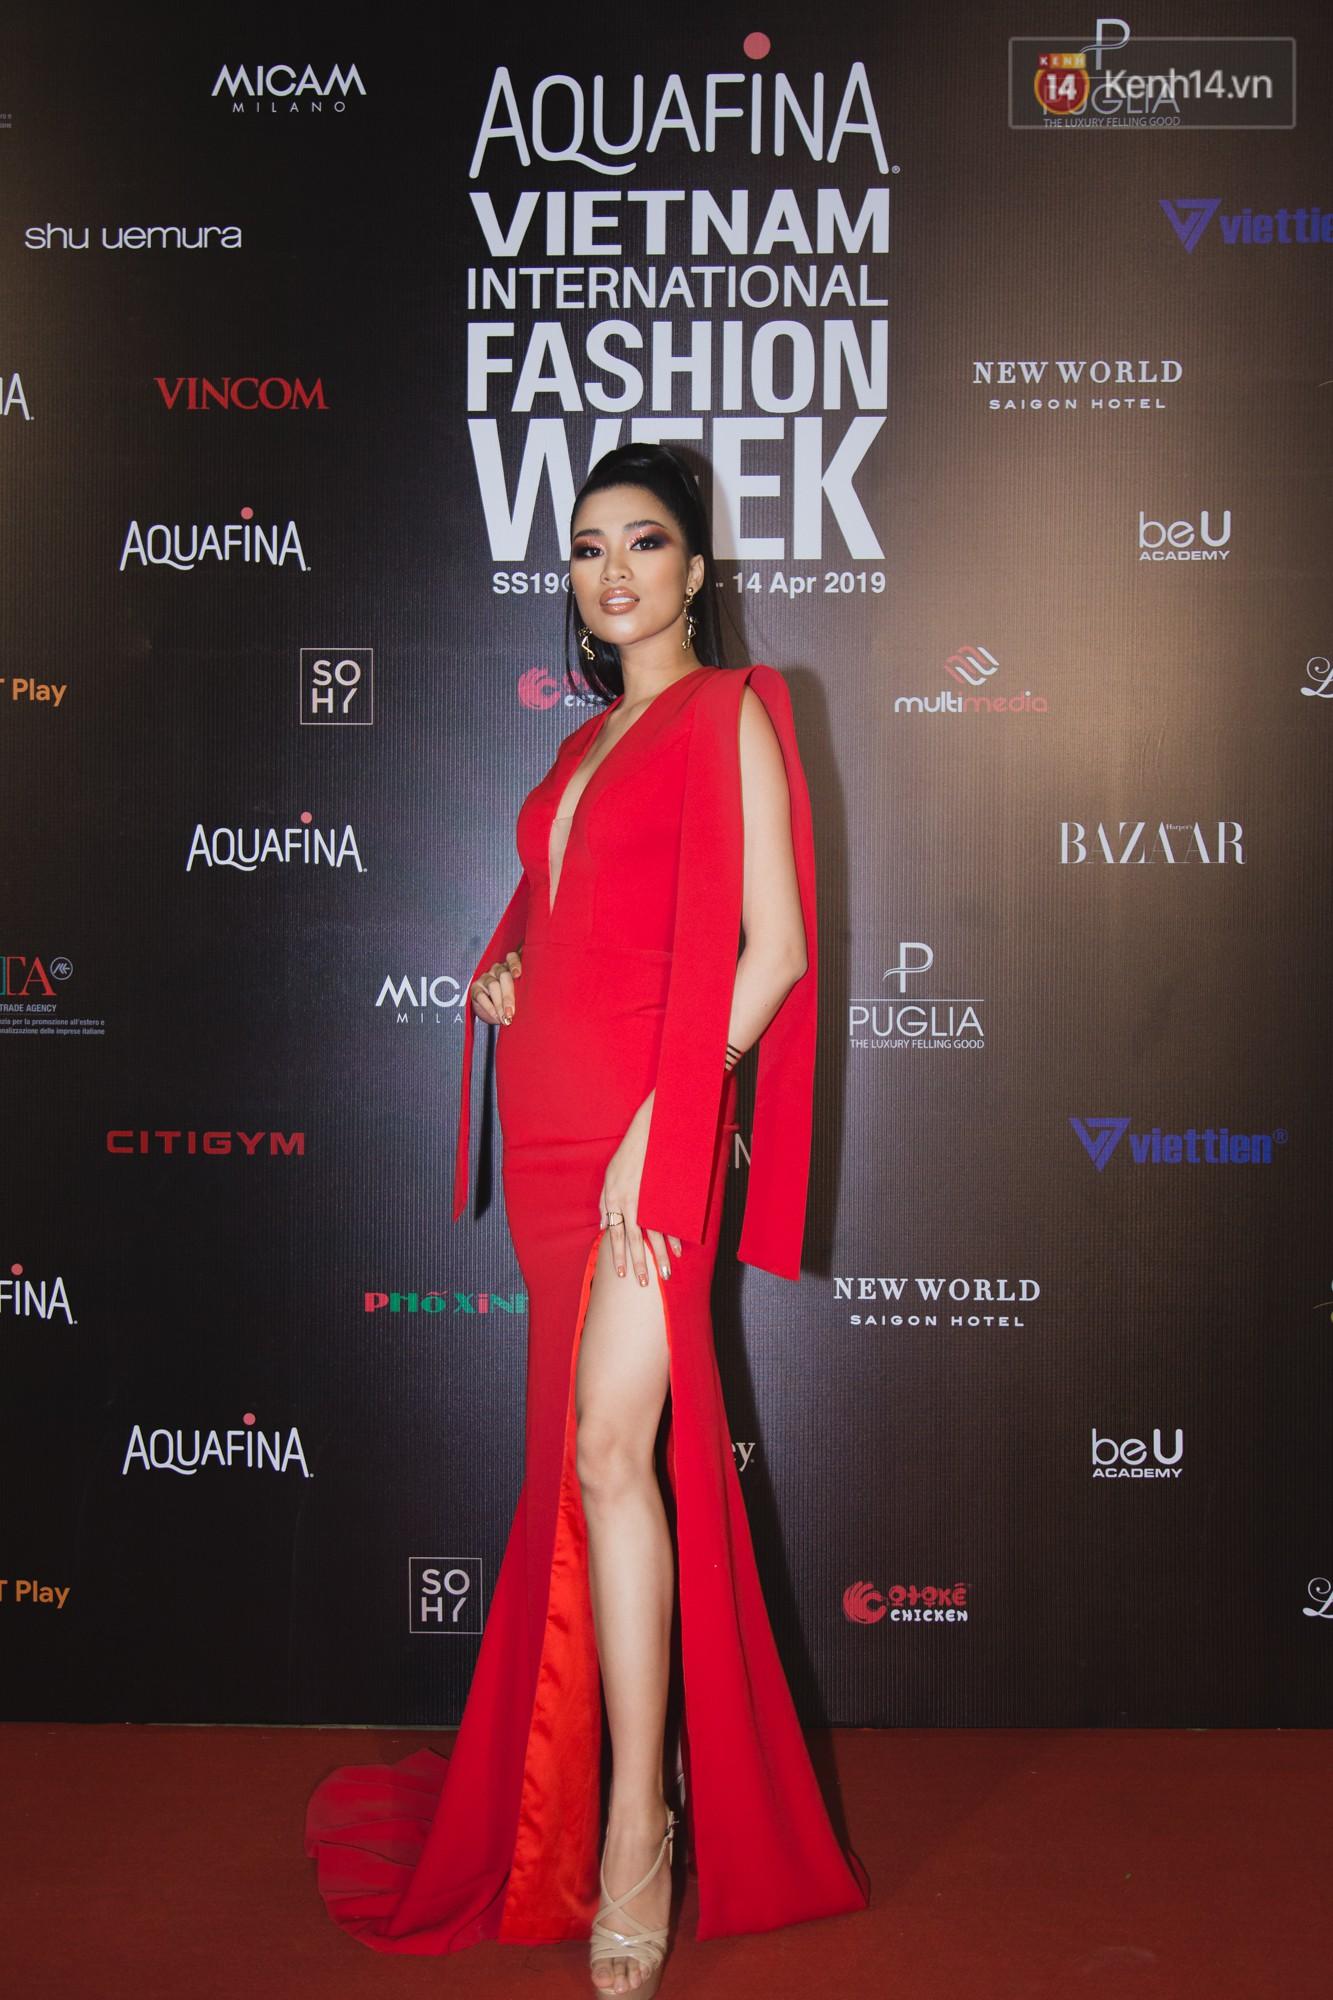 Linh Chi - Lâm Vinh Hải trông như cô dâu chú rể, Cindy Thái Tài lại hở bạo hết sức trên thảm đỏ Tuần lễ thời trang - Ảnh 13.